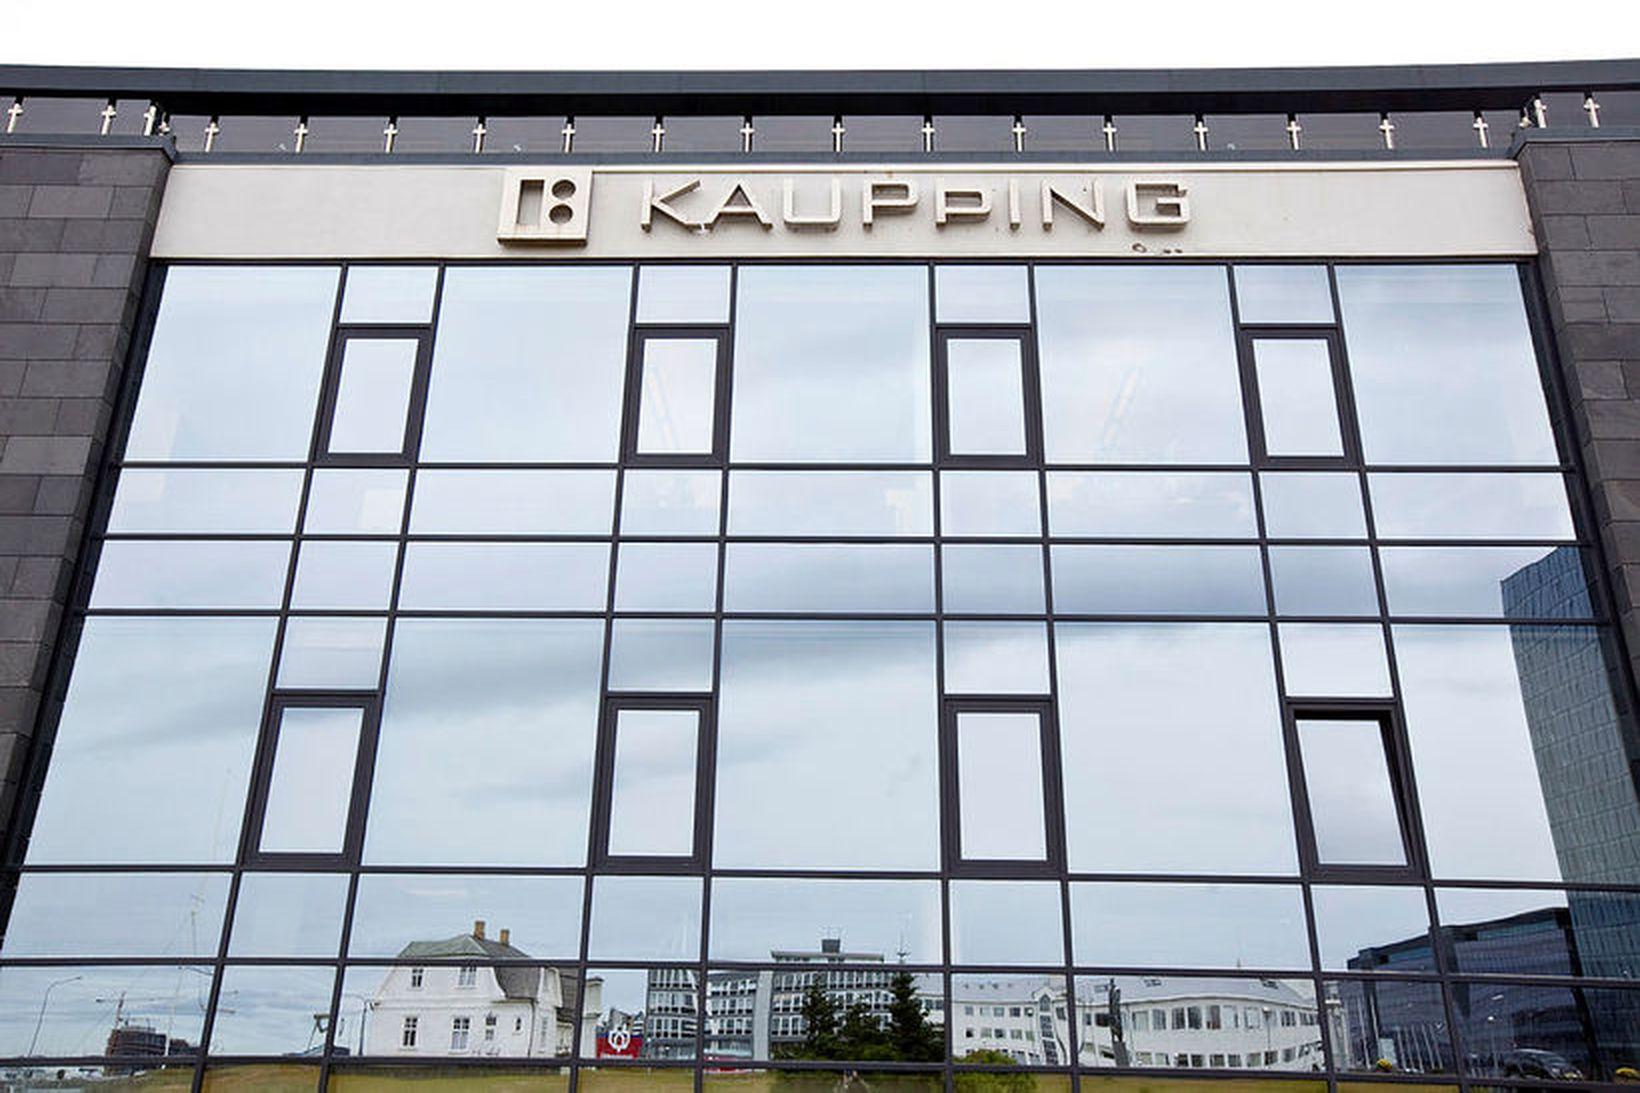 Aflandsfélag í eigu Kaupþings hf. keypti skuldabréf útgefin af bankanum …